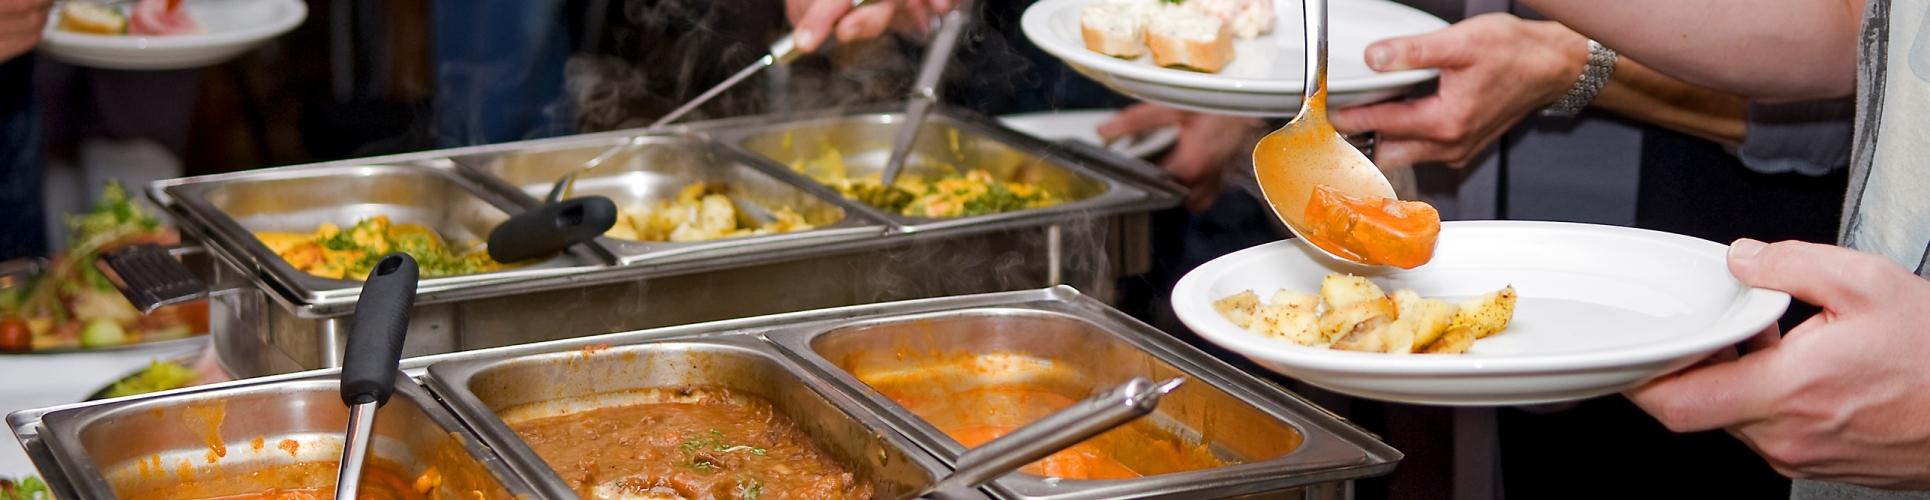 Koud warm buffet, de blikvaart, Sint Annaparochie